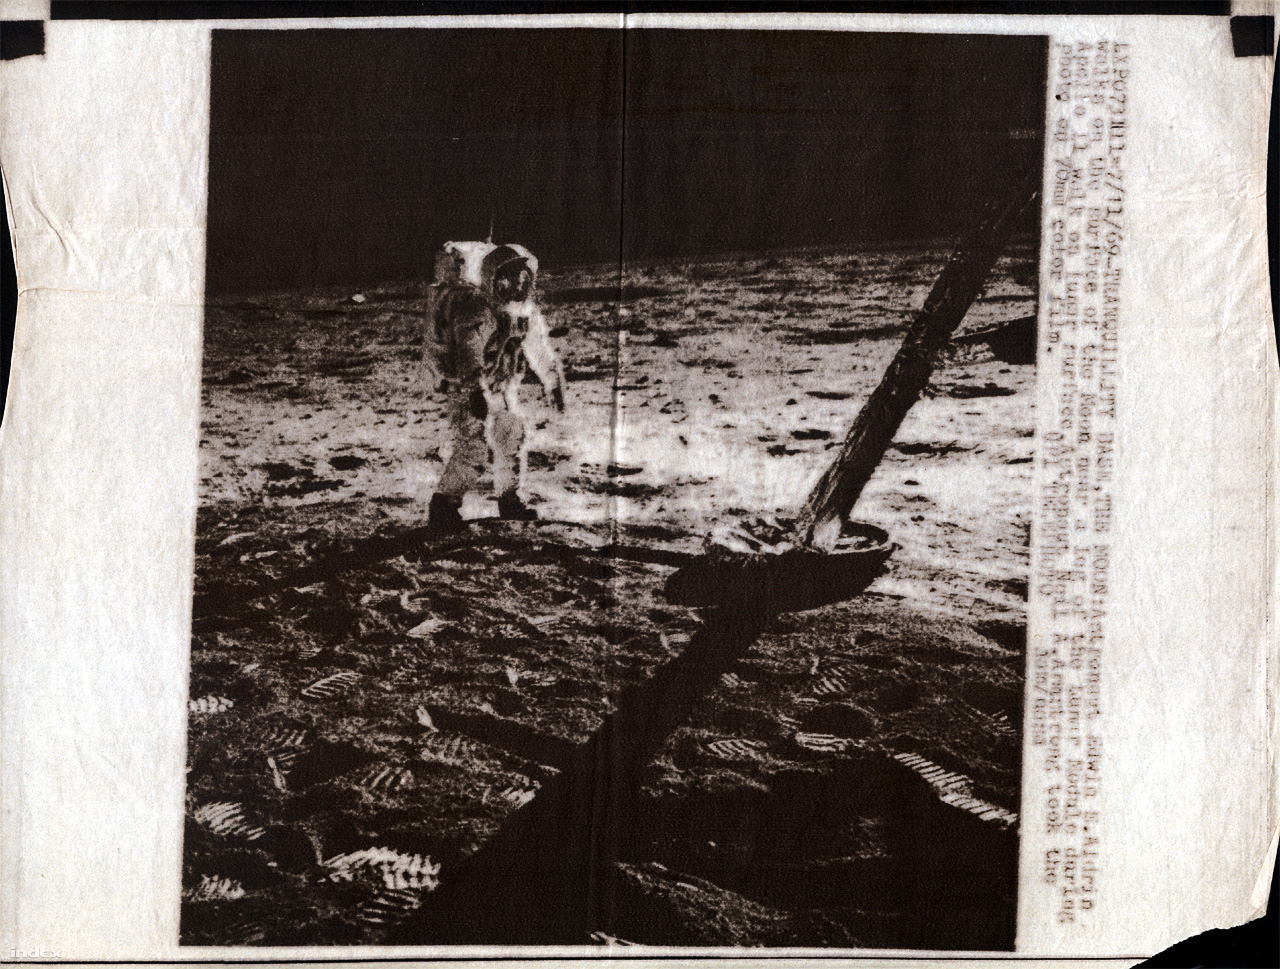 A hivatalos NASA fotók első körben ilyen formán jutottak el a magyar újságolvasókhoz: fekete-fehérben, a telex adatátviteli korlátai miatt rossz felbontásban, szemcsésen. Ha ehhez hozzávesszük a hatvanas évek végi hazai nyomdatechnika minőségét, érthetővé válik, hogy miért olyan gyenge minőségűek a lentebb következő újságoldalak fotói – pláne, hogy azok többsége a tévéközvetítésből kifotózott képkocka volt. (A fotóhoz tartozó képügynökségi infó: LXPO073111-7/11/69-TRANQUILITY BASE, THE MOON: Astronaut Edwin E. Aldrin walks on the surface of Moon near a leg of the Lunar Module daring Apollo 11 walk on lunar surface. Astronaut Neil A. Armstrong took the photo on 70 mm color film.  UPI TELEPHOTO jam/NASA.)